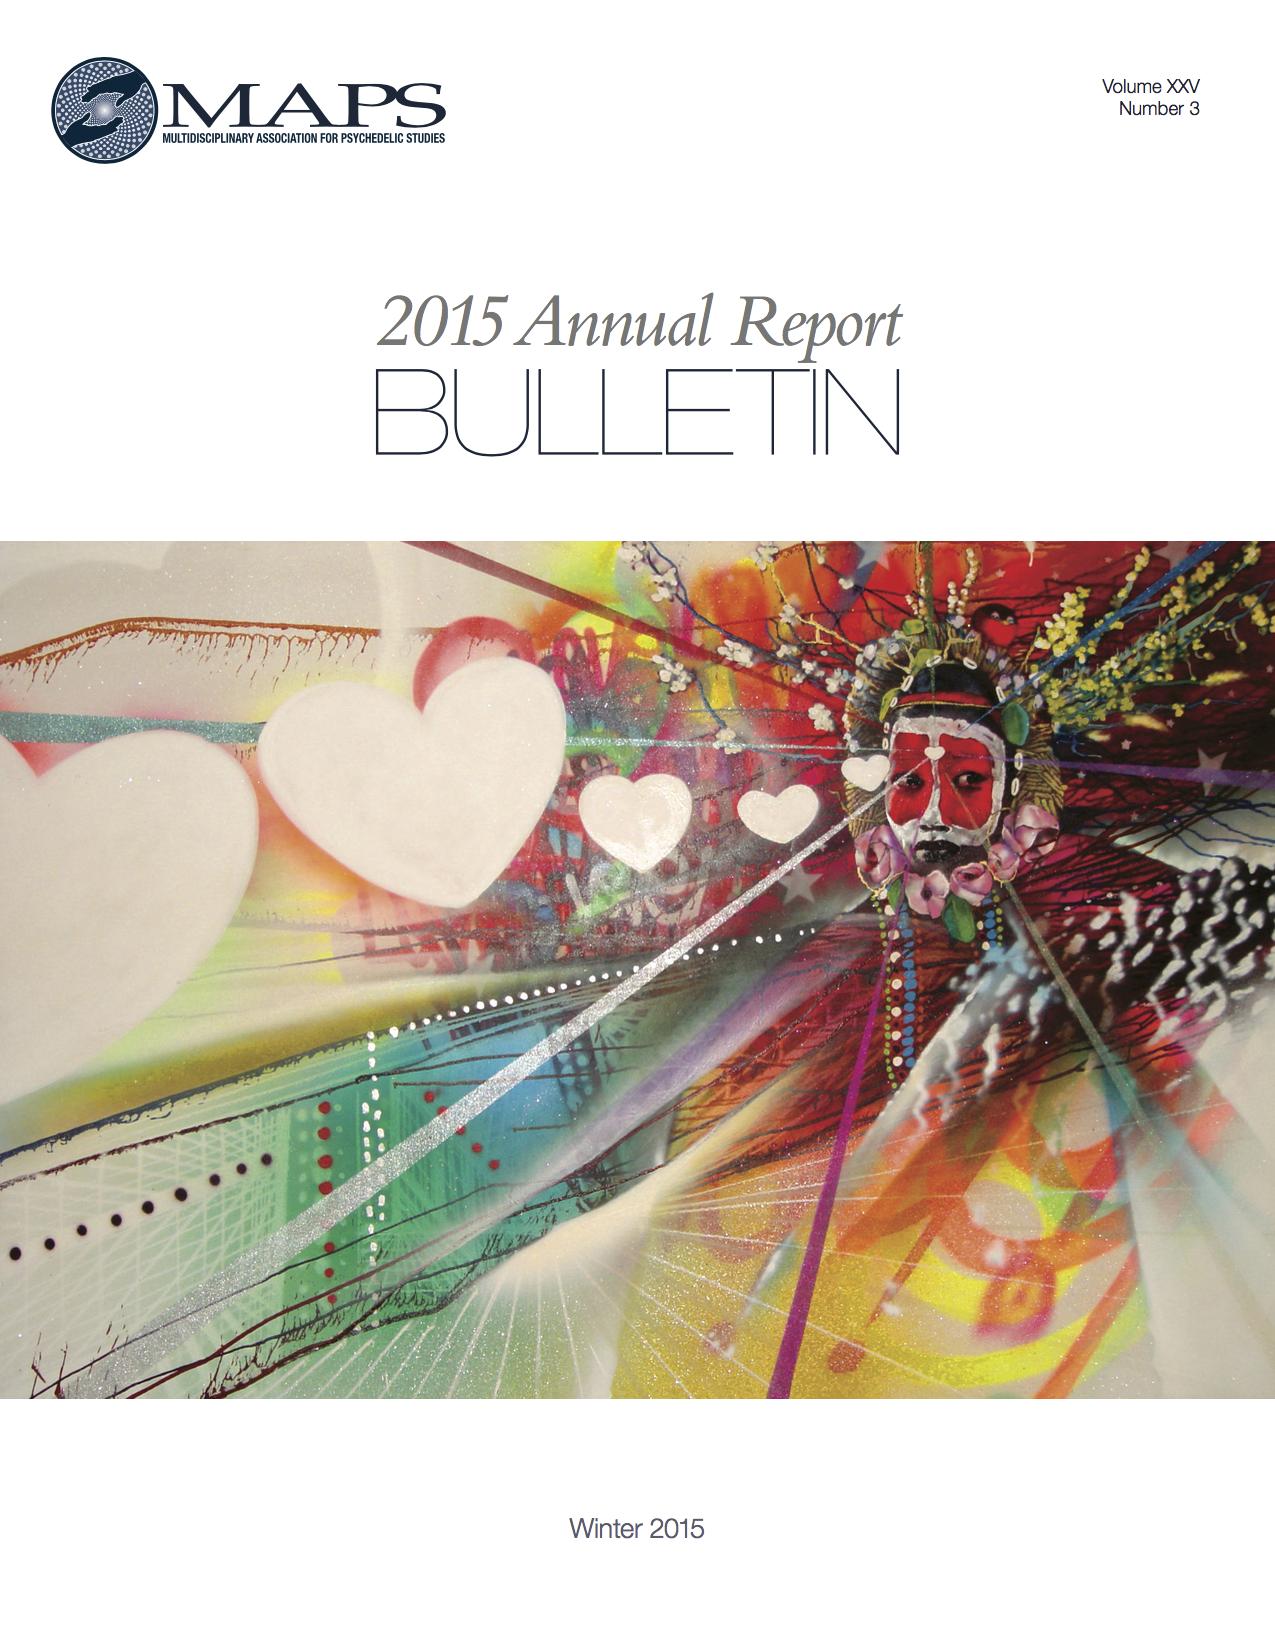 MAPS Bulletin Winter 2015: Vol. 25 No. 3 Annual Report